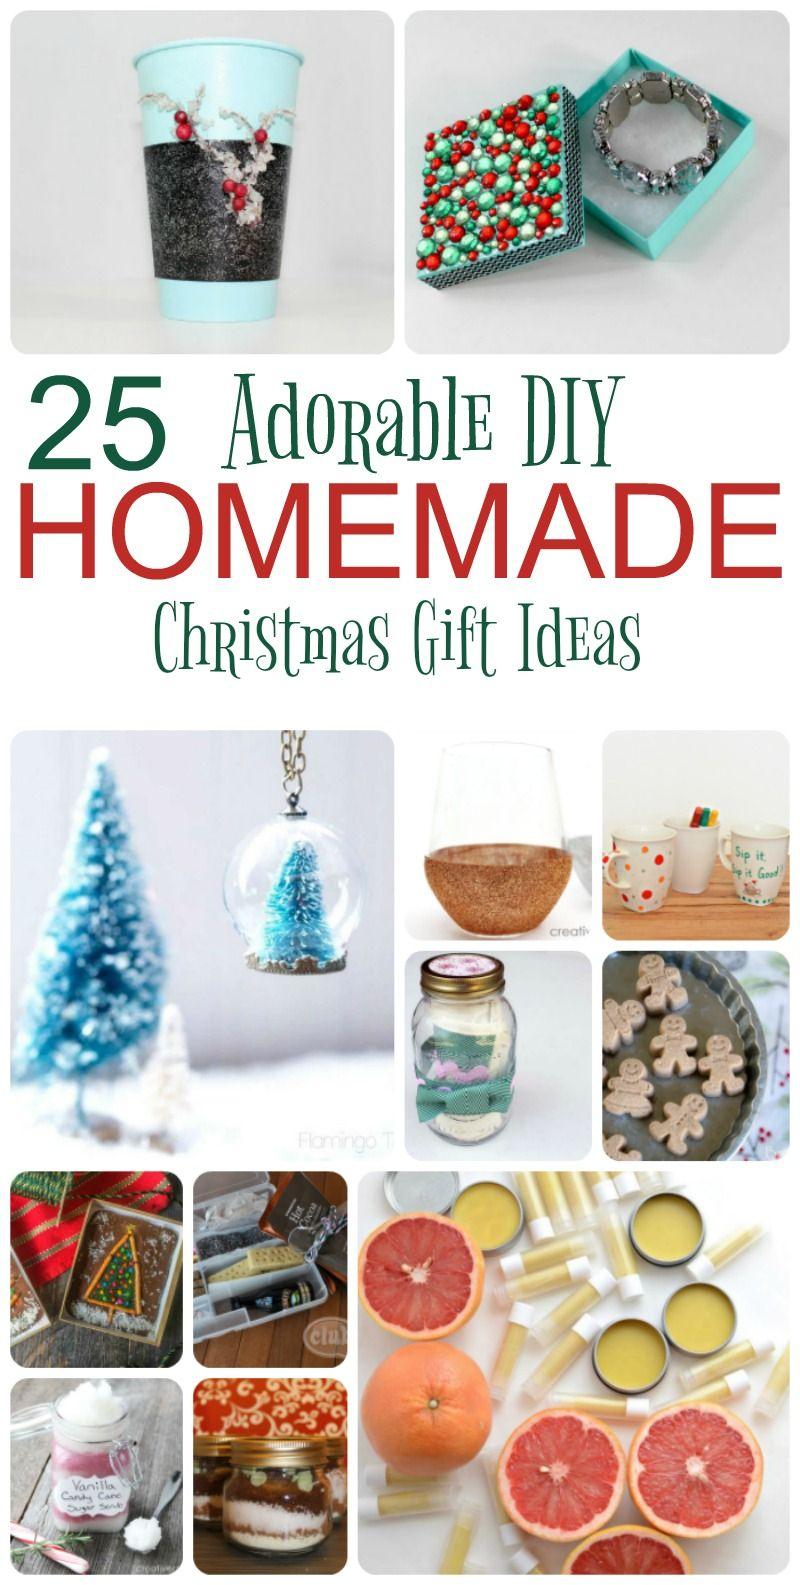 25 Adorable Homemade Gifts To Make For Christmas Homemade Gifts Christmas Gifts Diy Homemade Gifts